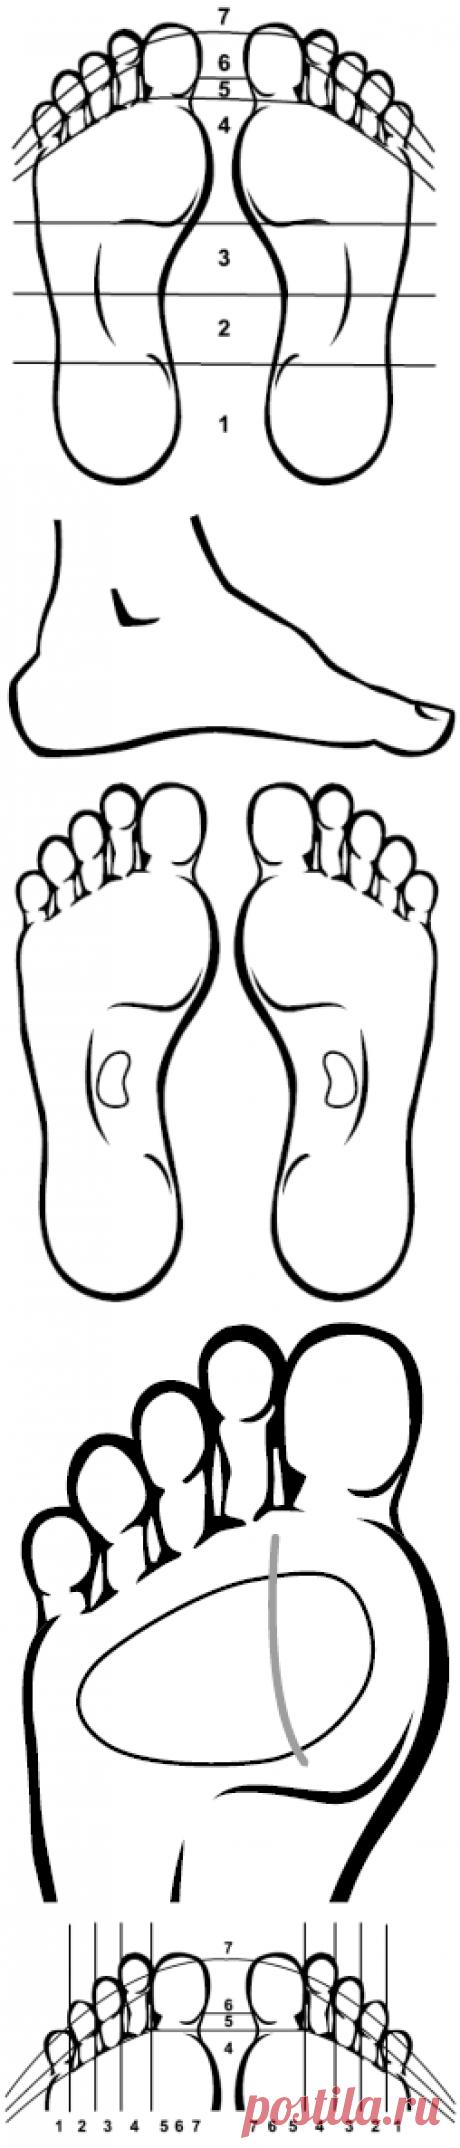 ПРОЕКЦИИ ЧАКР НА СТУПНЯХ.. Читаем по ногам. О чем расскажут ваши ступни